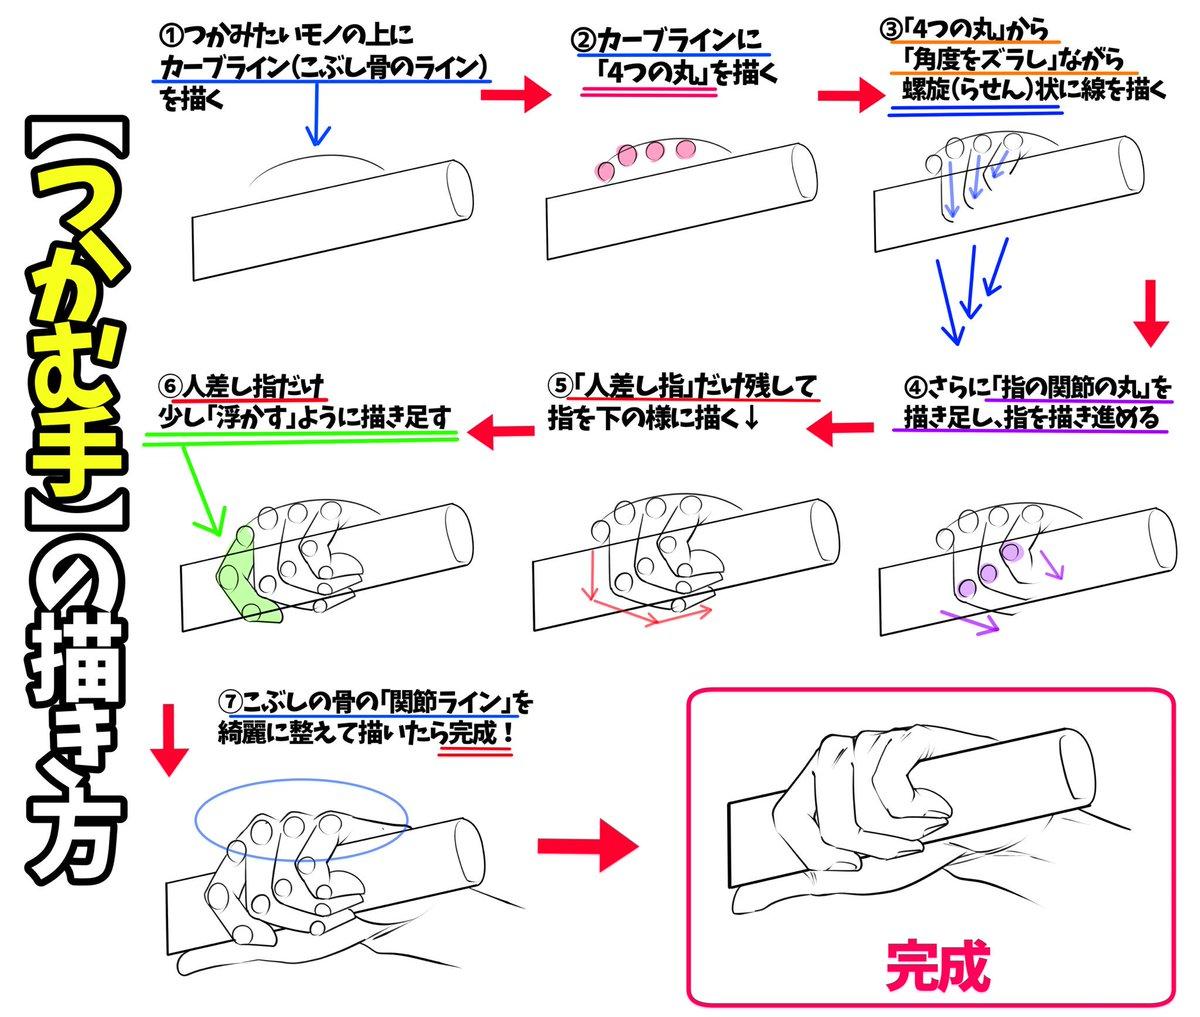 吉村拓也fanboxイラスト講座 On Twitter 物をつかむ手の描き方